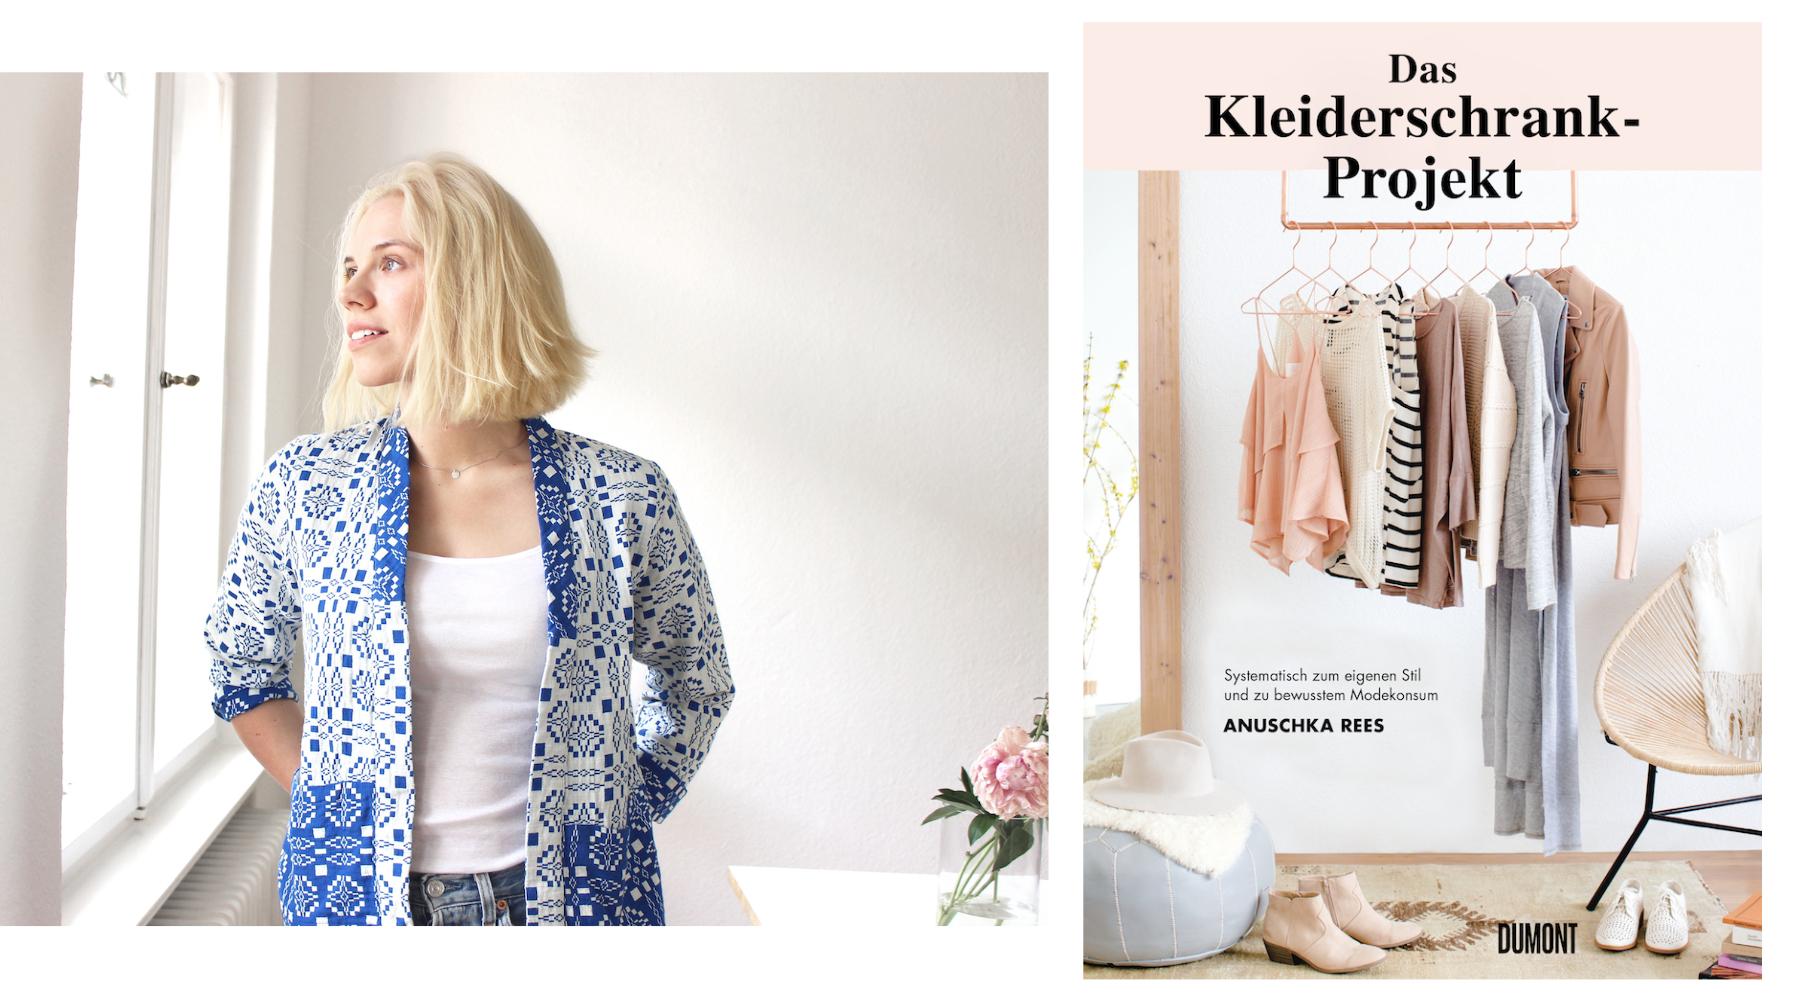 Suelovesnyc Interview Brauchen Wir Ein Kleiderschrank Projekt